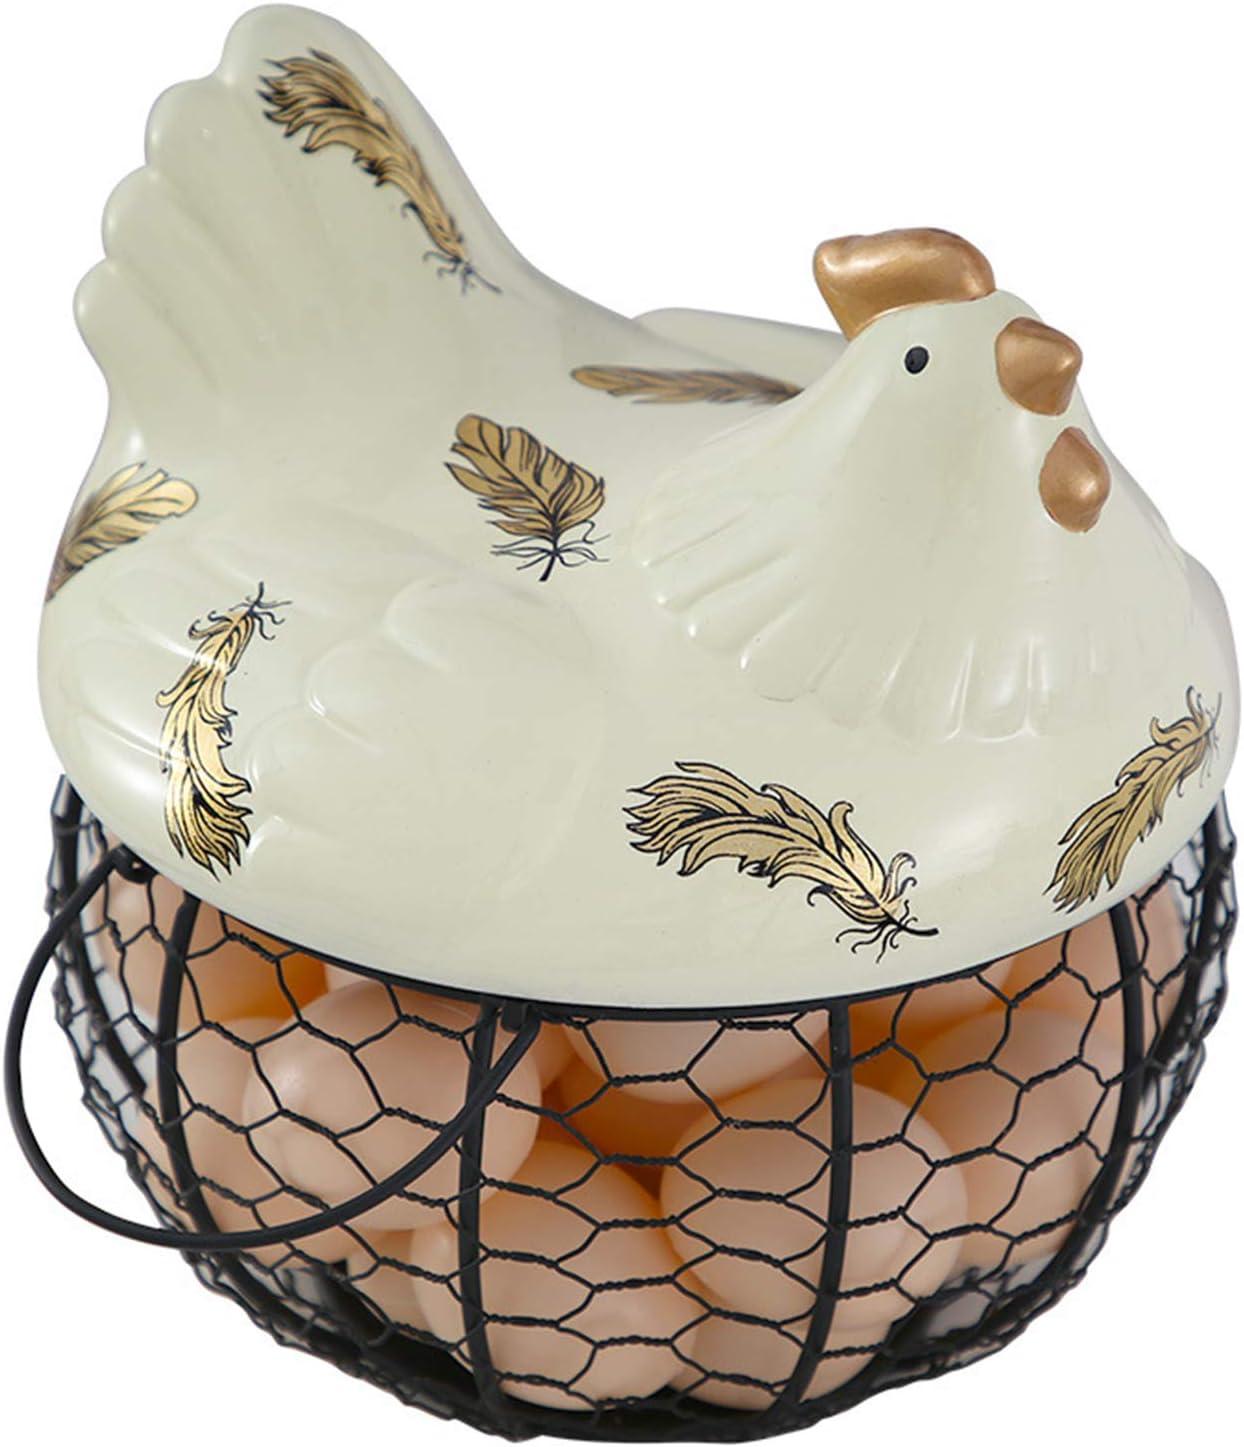 ZYXZXC Cesta Almacenamiento Huevos RúSticas para,Canasta Huevos Hierro Forjado,DecoracióN De Gallina,Antiguo Artesano Pintura Meticulosa Hecha A Mano Aspecto Elegant,Beige (Black Basket)